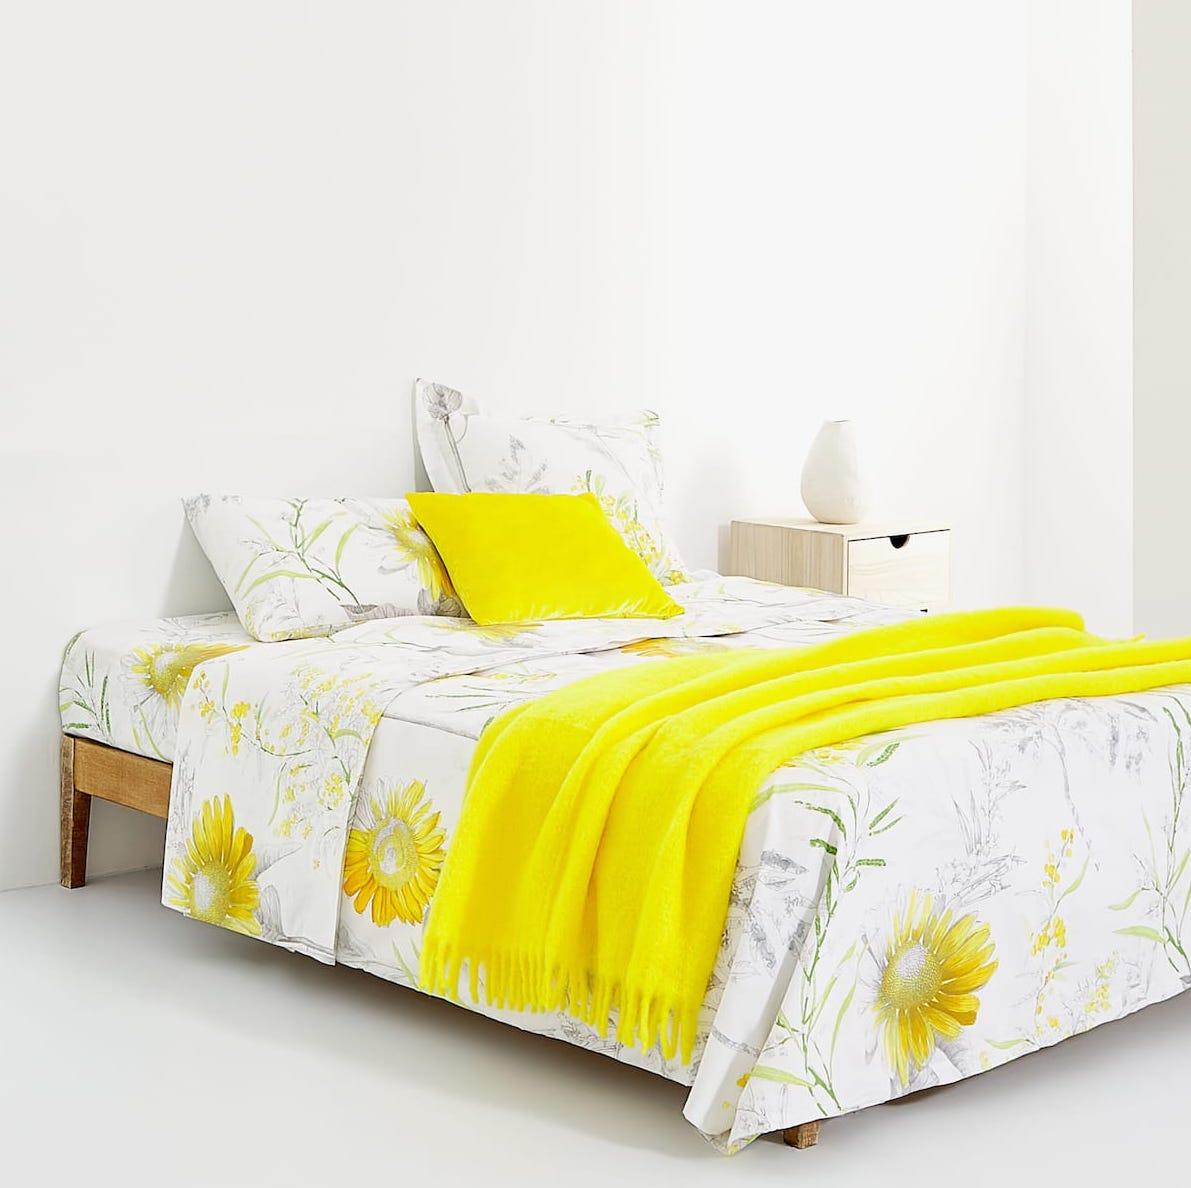 Großer Sale bei Zara Home, z.B. 2er-Set Kopfkissenbezüge mit Sonnenblumen aus Baumwolle, 60x60cm (Filialabholung)